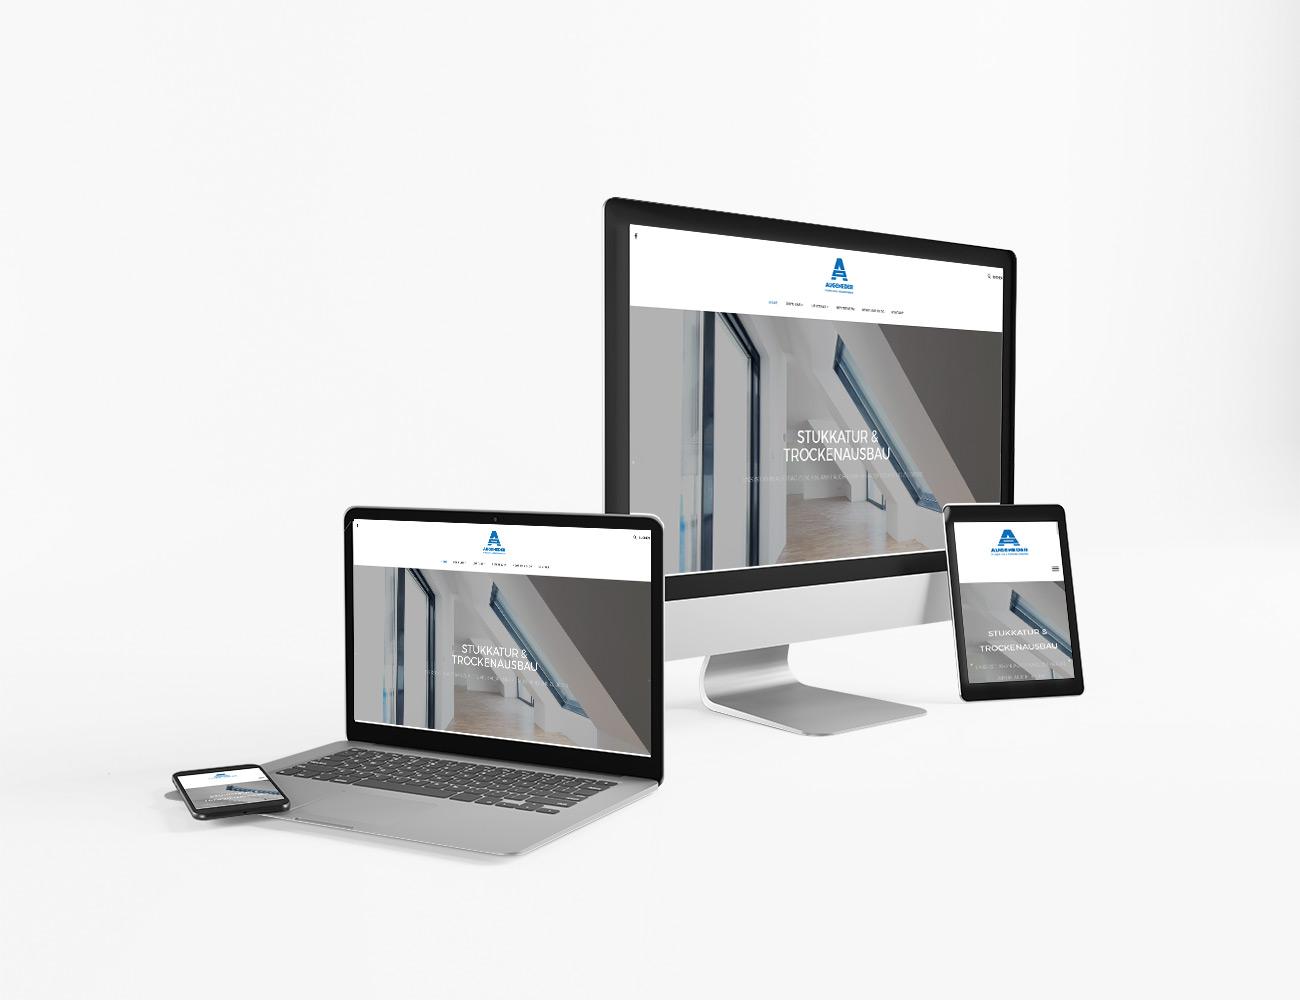 Die Webseite von Augeneder Stukkatur & Trockenausbau ist online